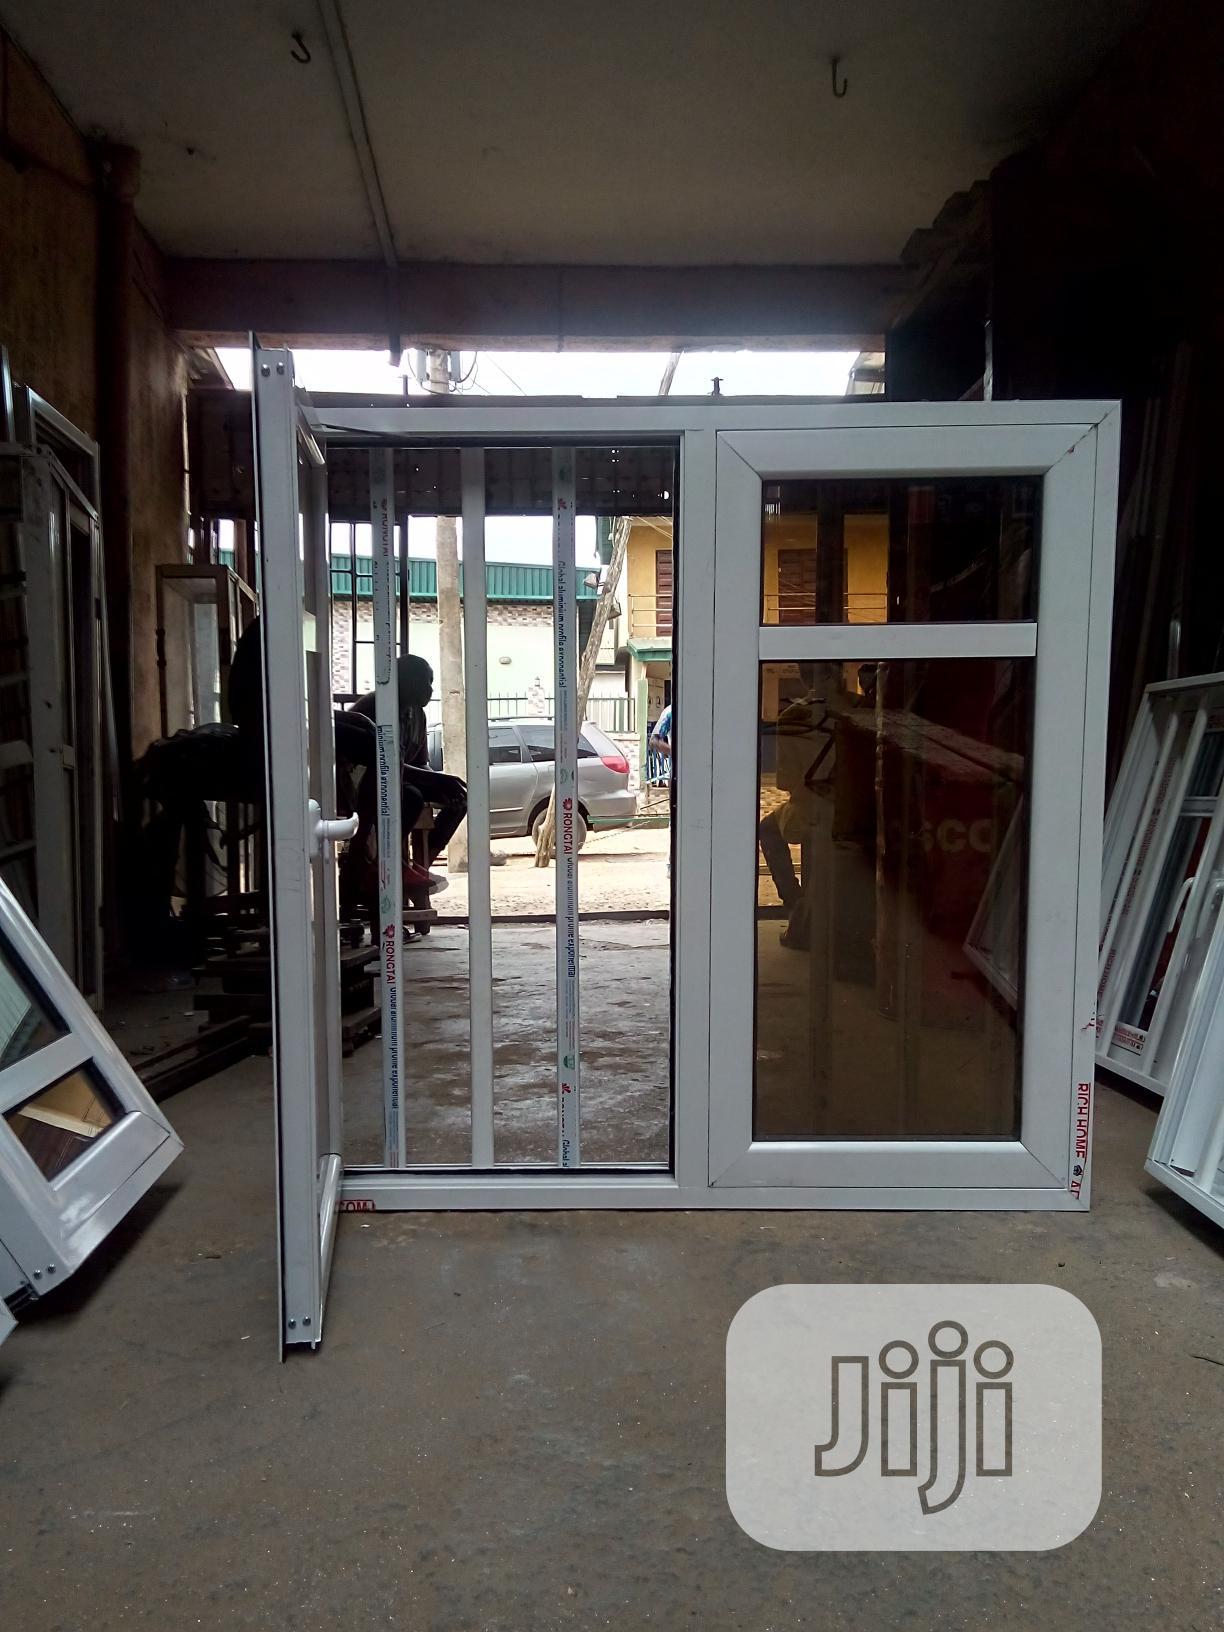 3-in-1 Aluminium WINDOW + NET + Iron-rod BURGLARY Proof